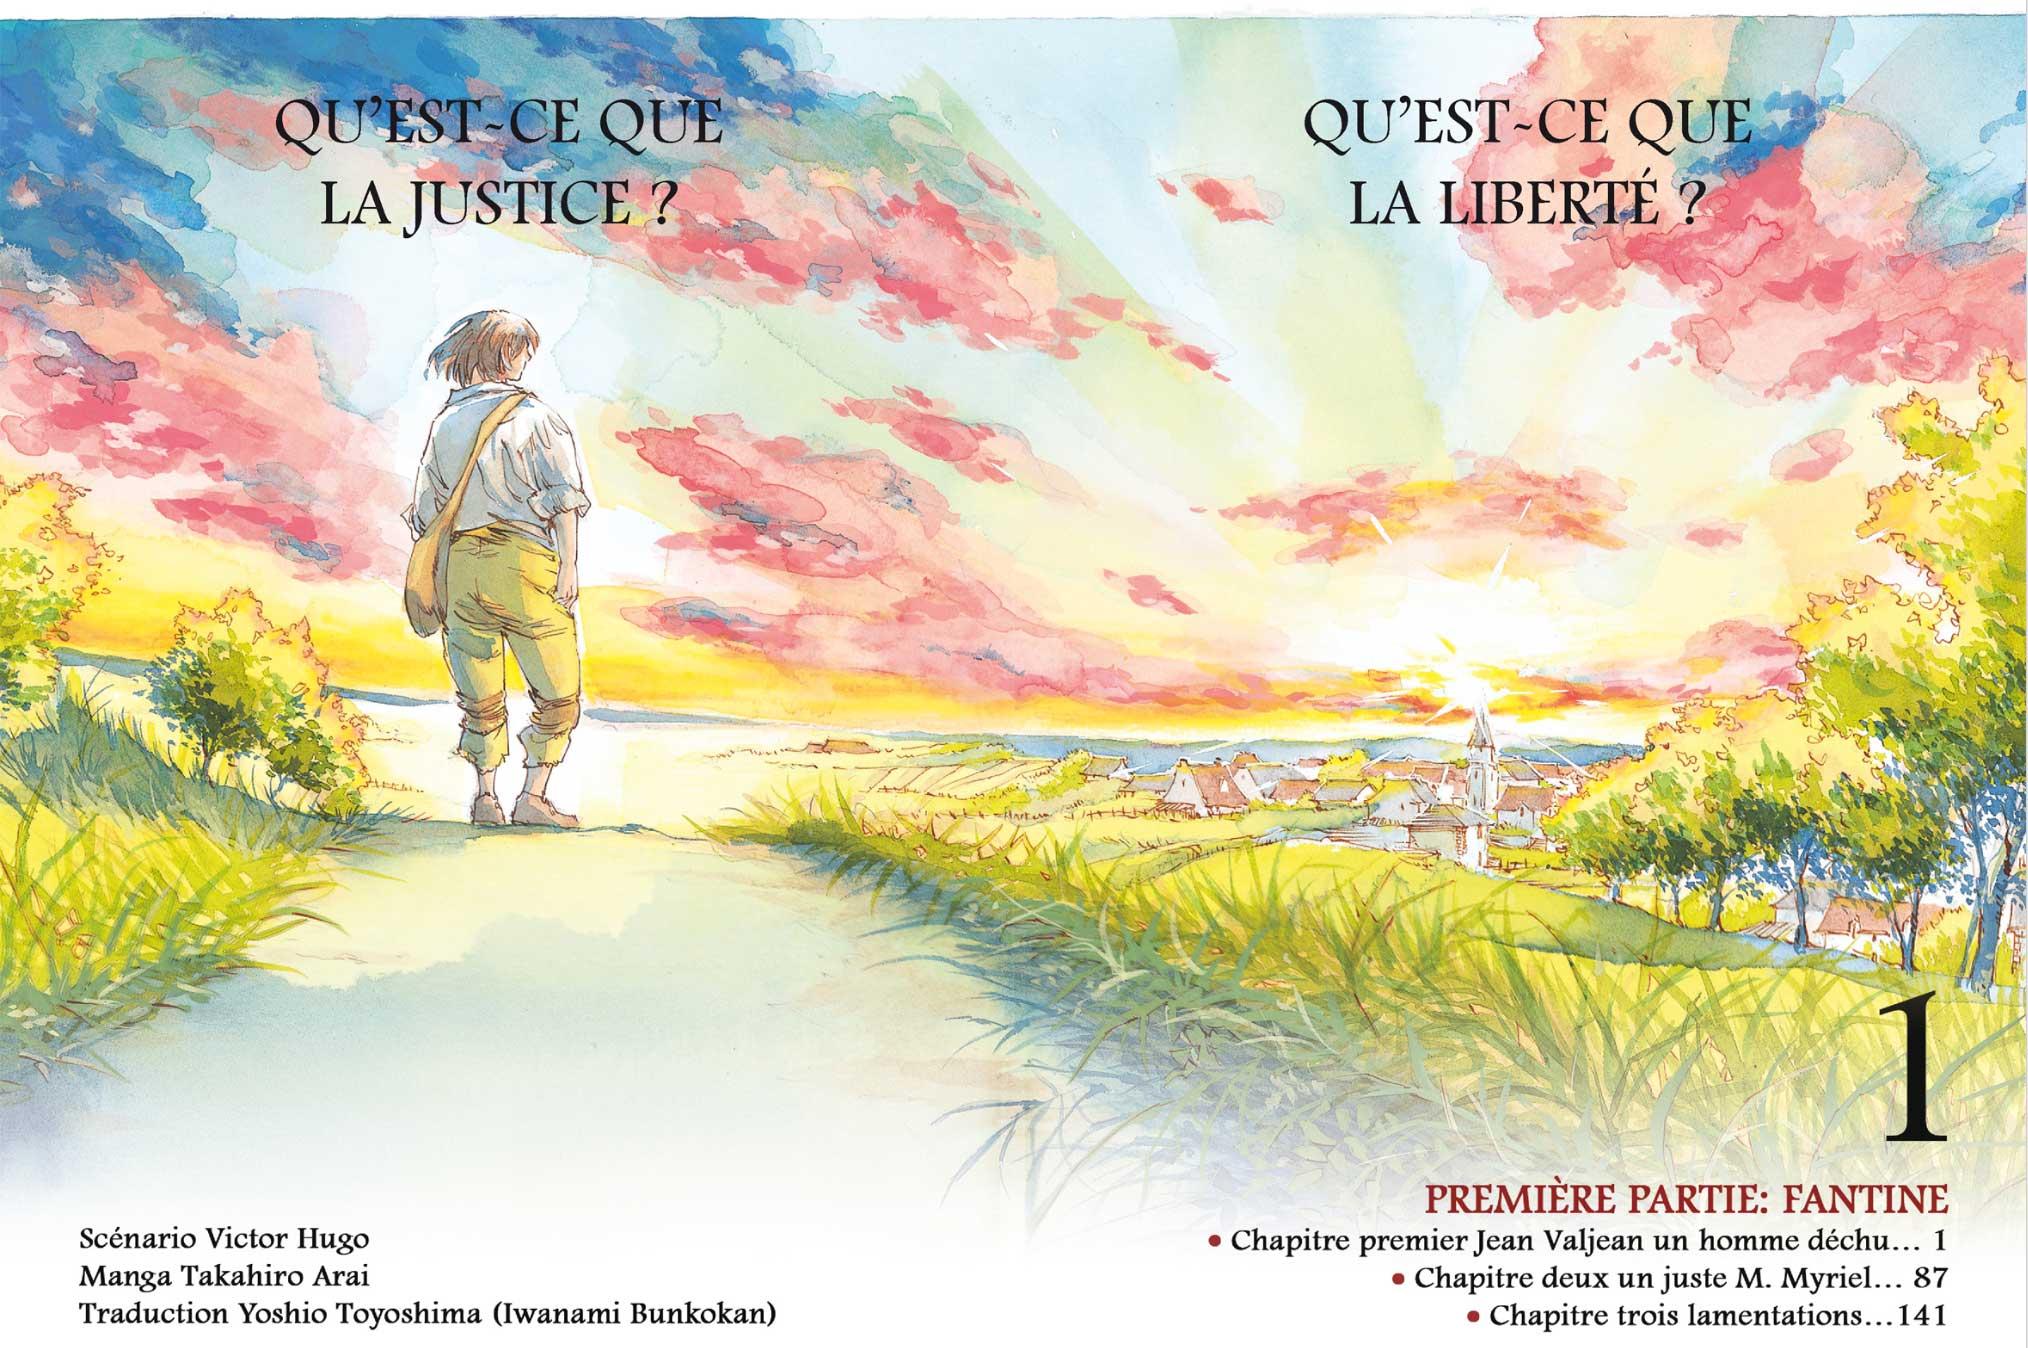 Les-Miserables-justice